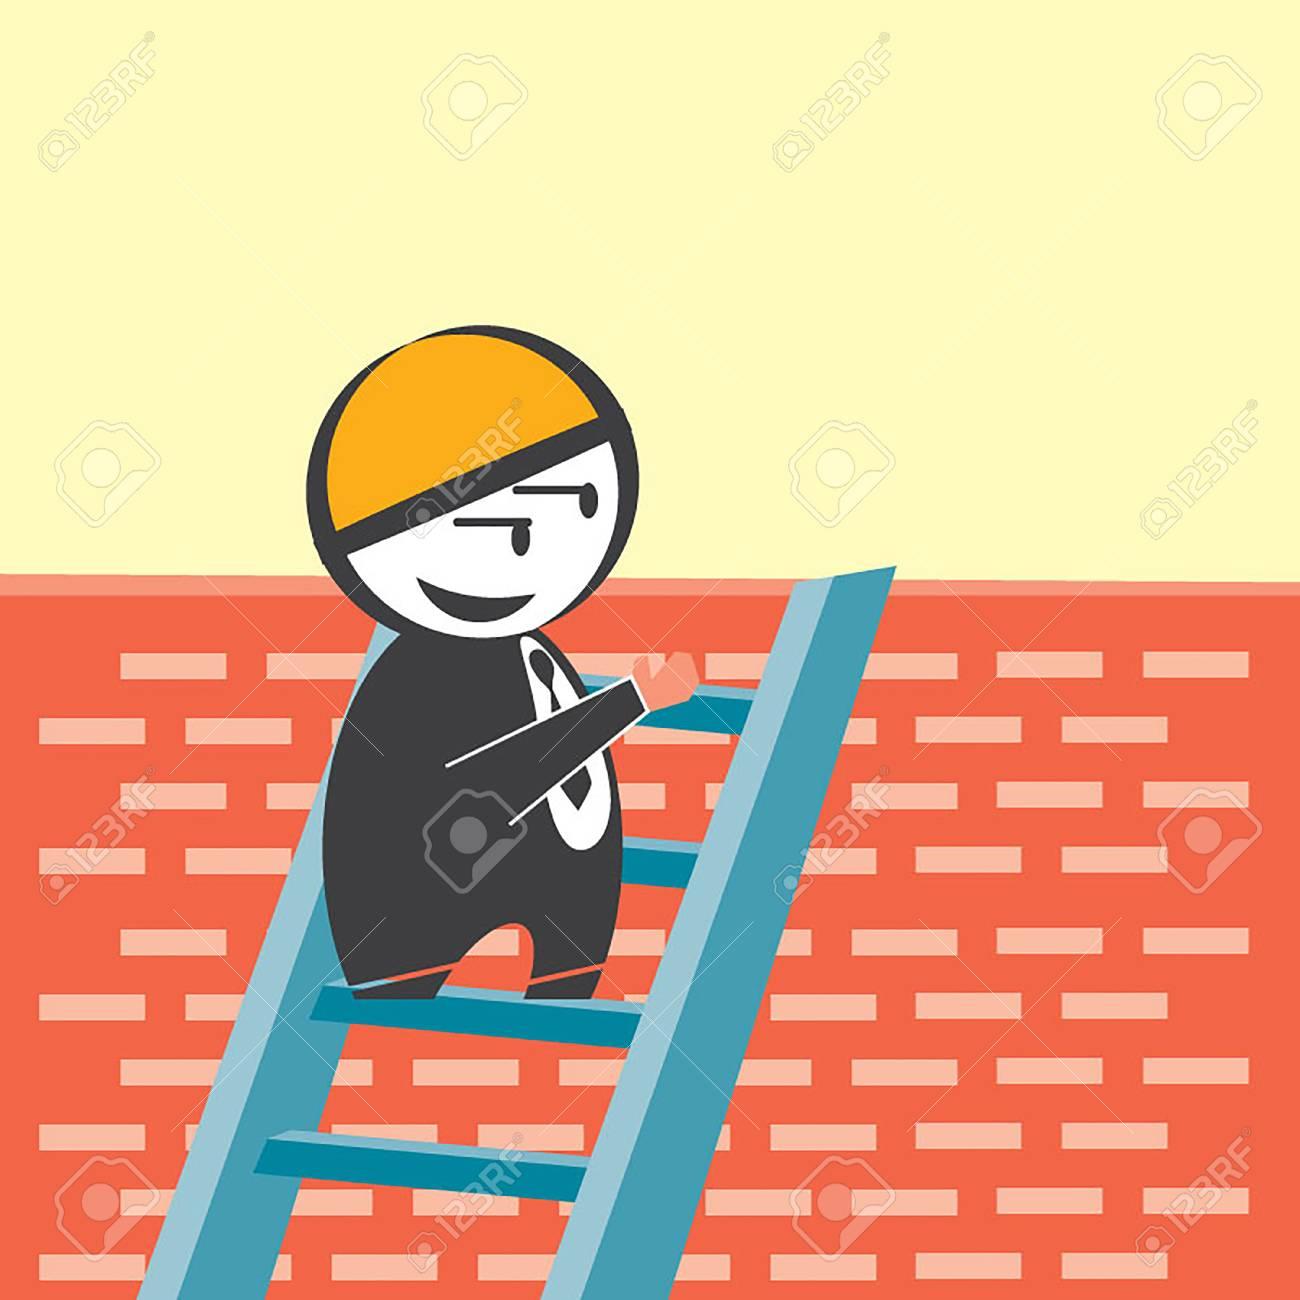 Businessman Peeking Behind Brick Wall Royalty Free Cliparts, Vectors ...